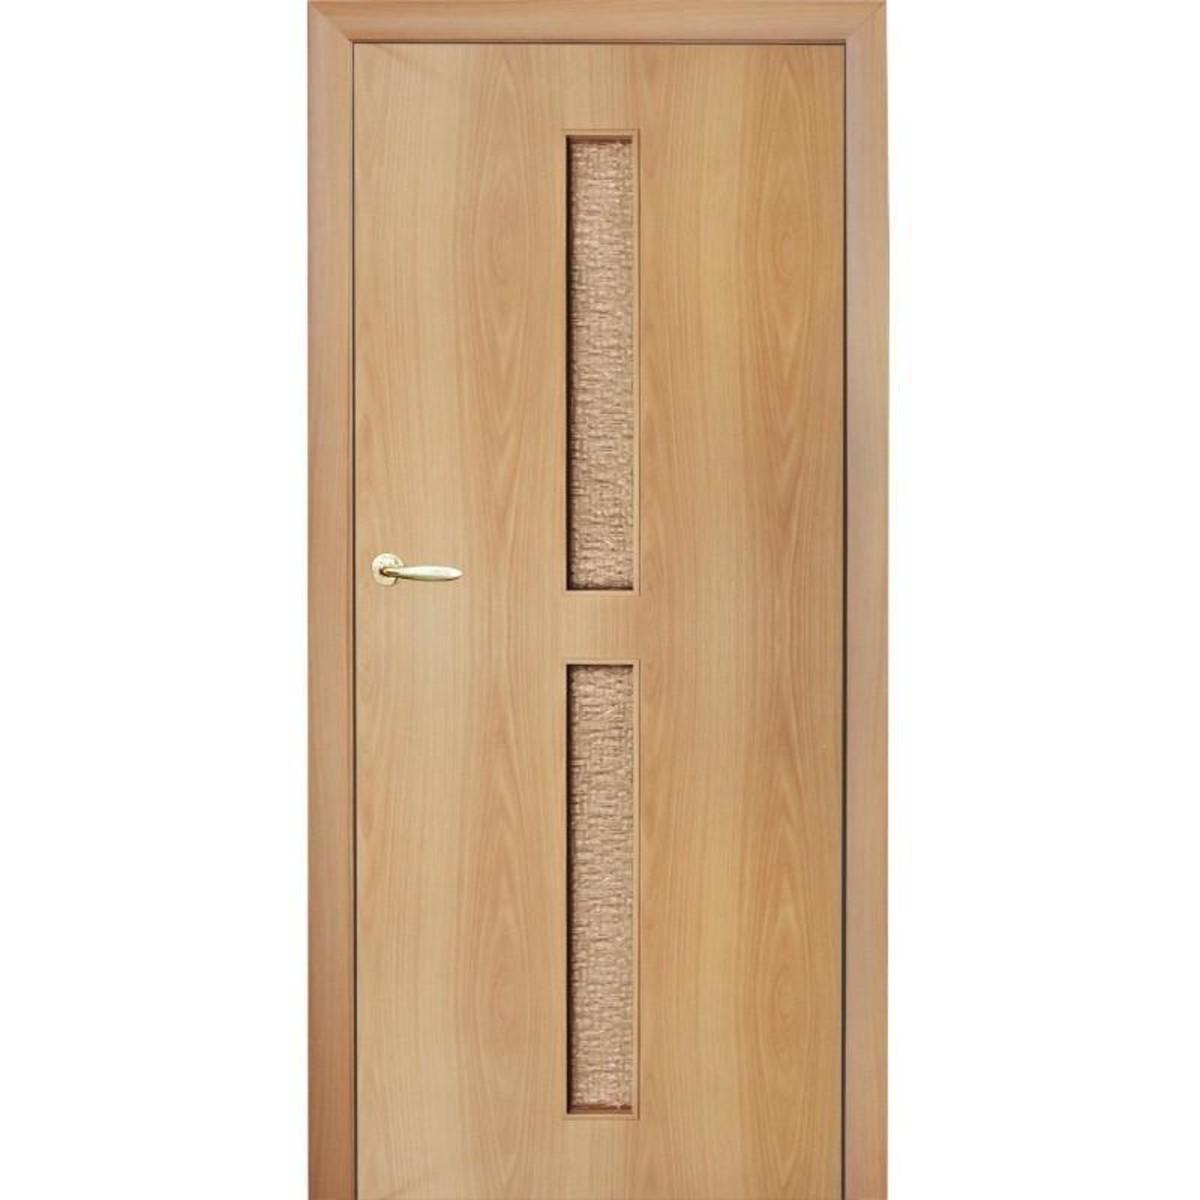 Дверь межкомнатная остеклённая Дуо 600x2000 мм ламинация миланский орех